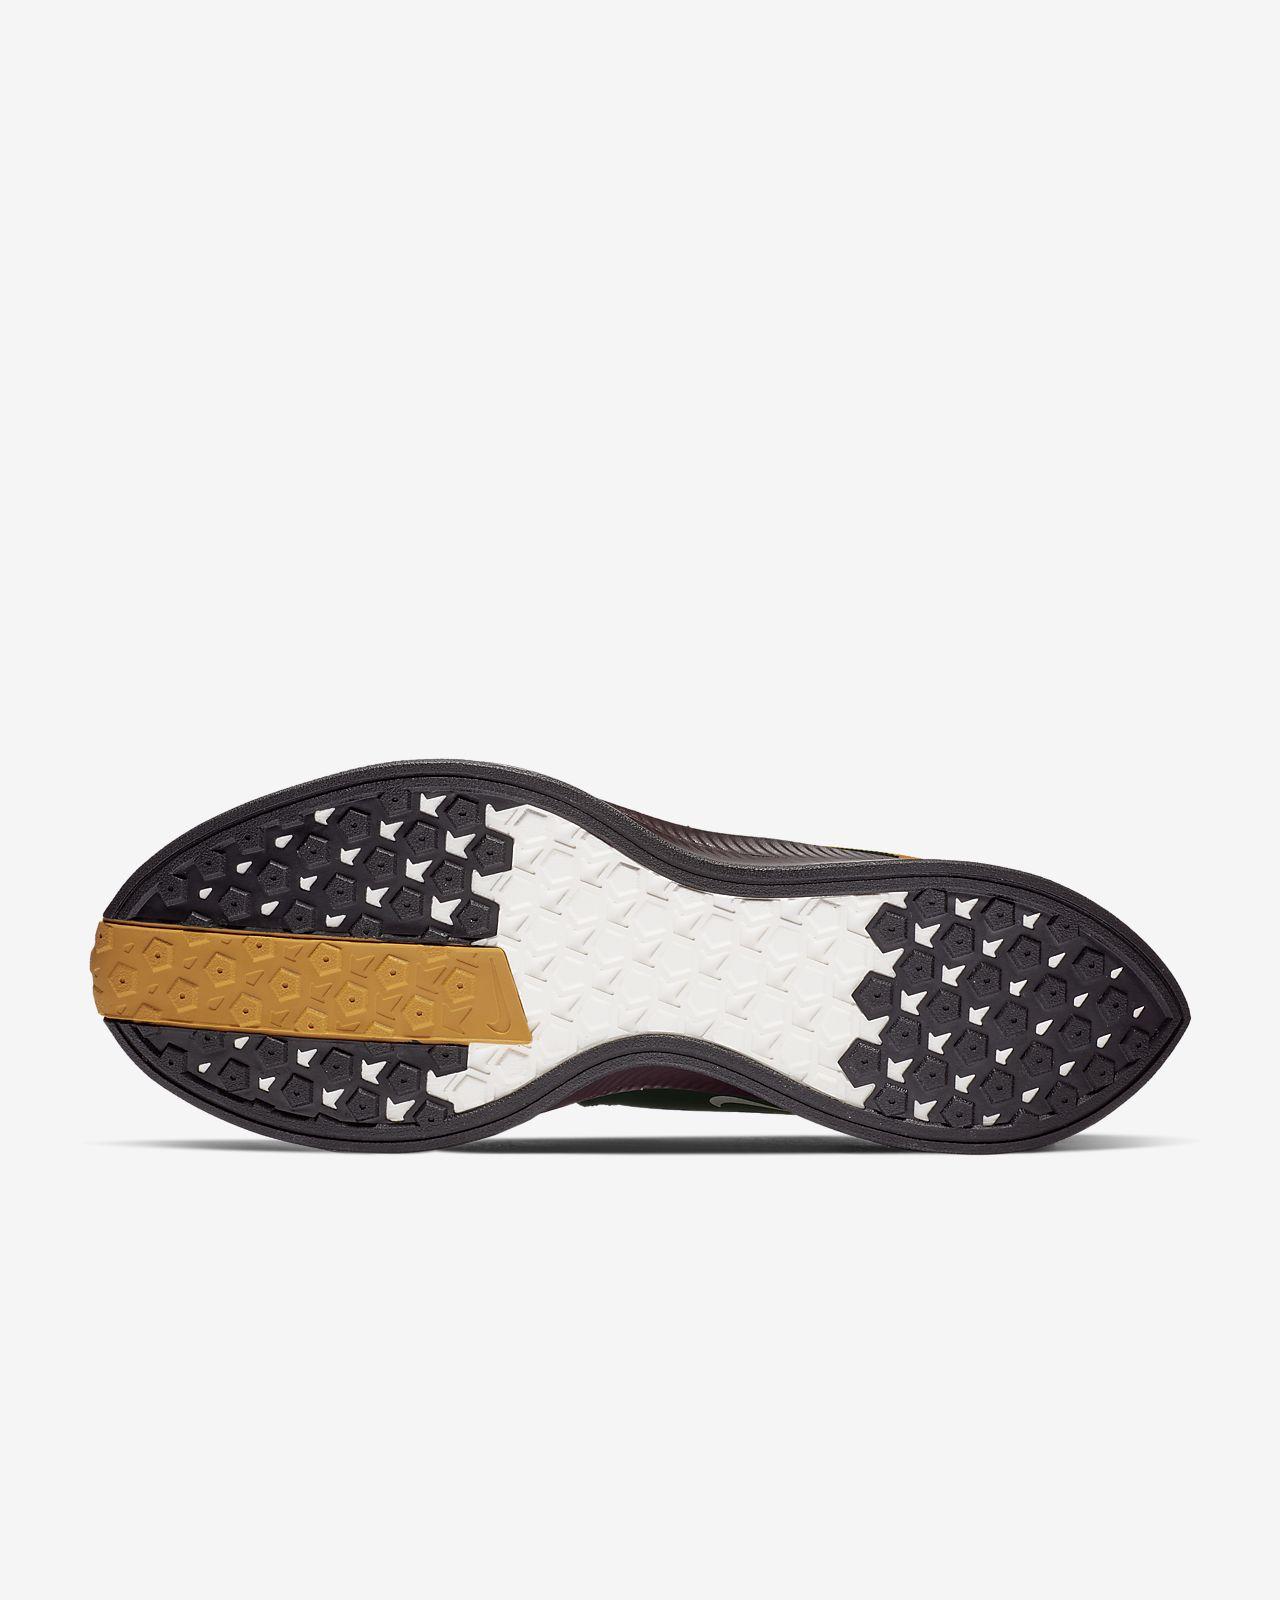 c968ace095e01 Nike Gyakusou Zoom Pegasus 35 Turbo Men s Shoe. Nike.com